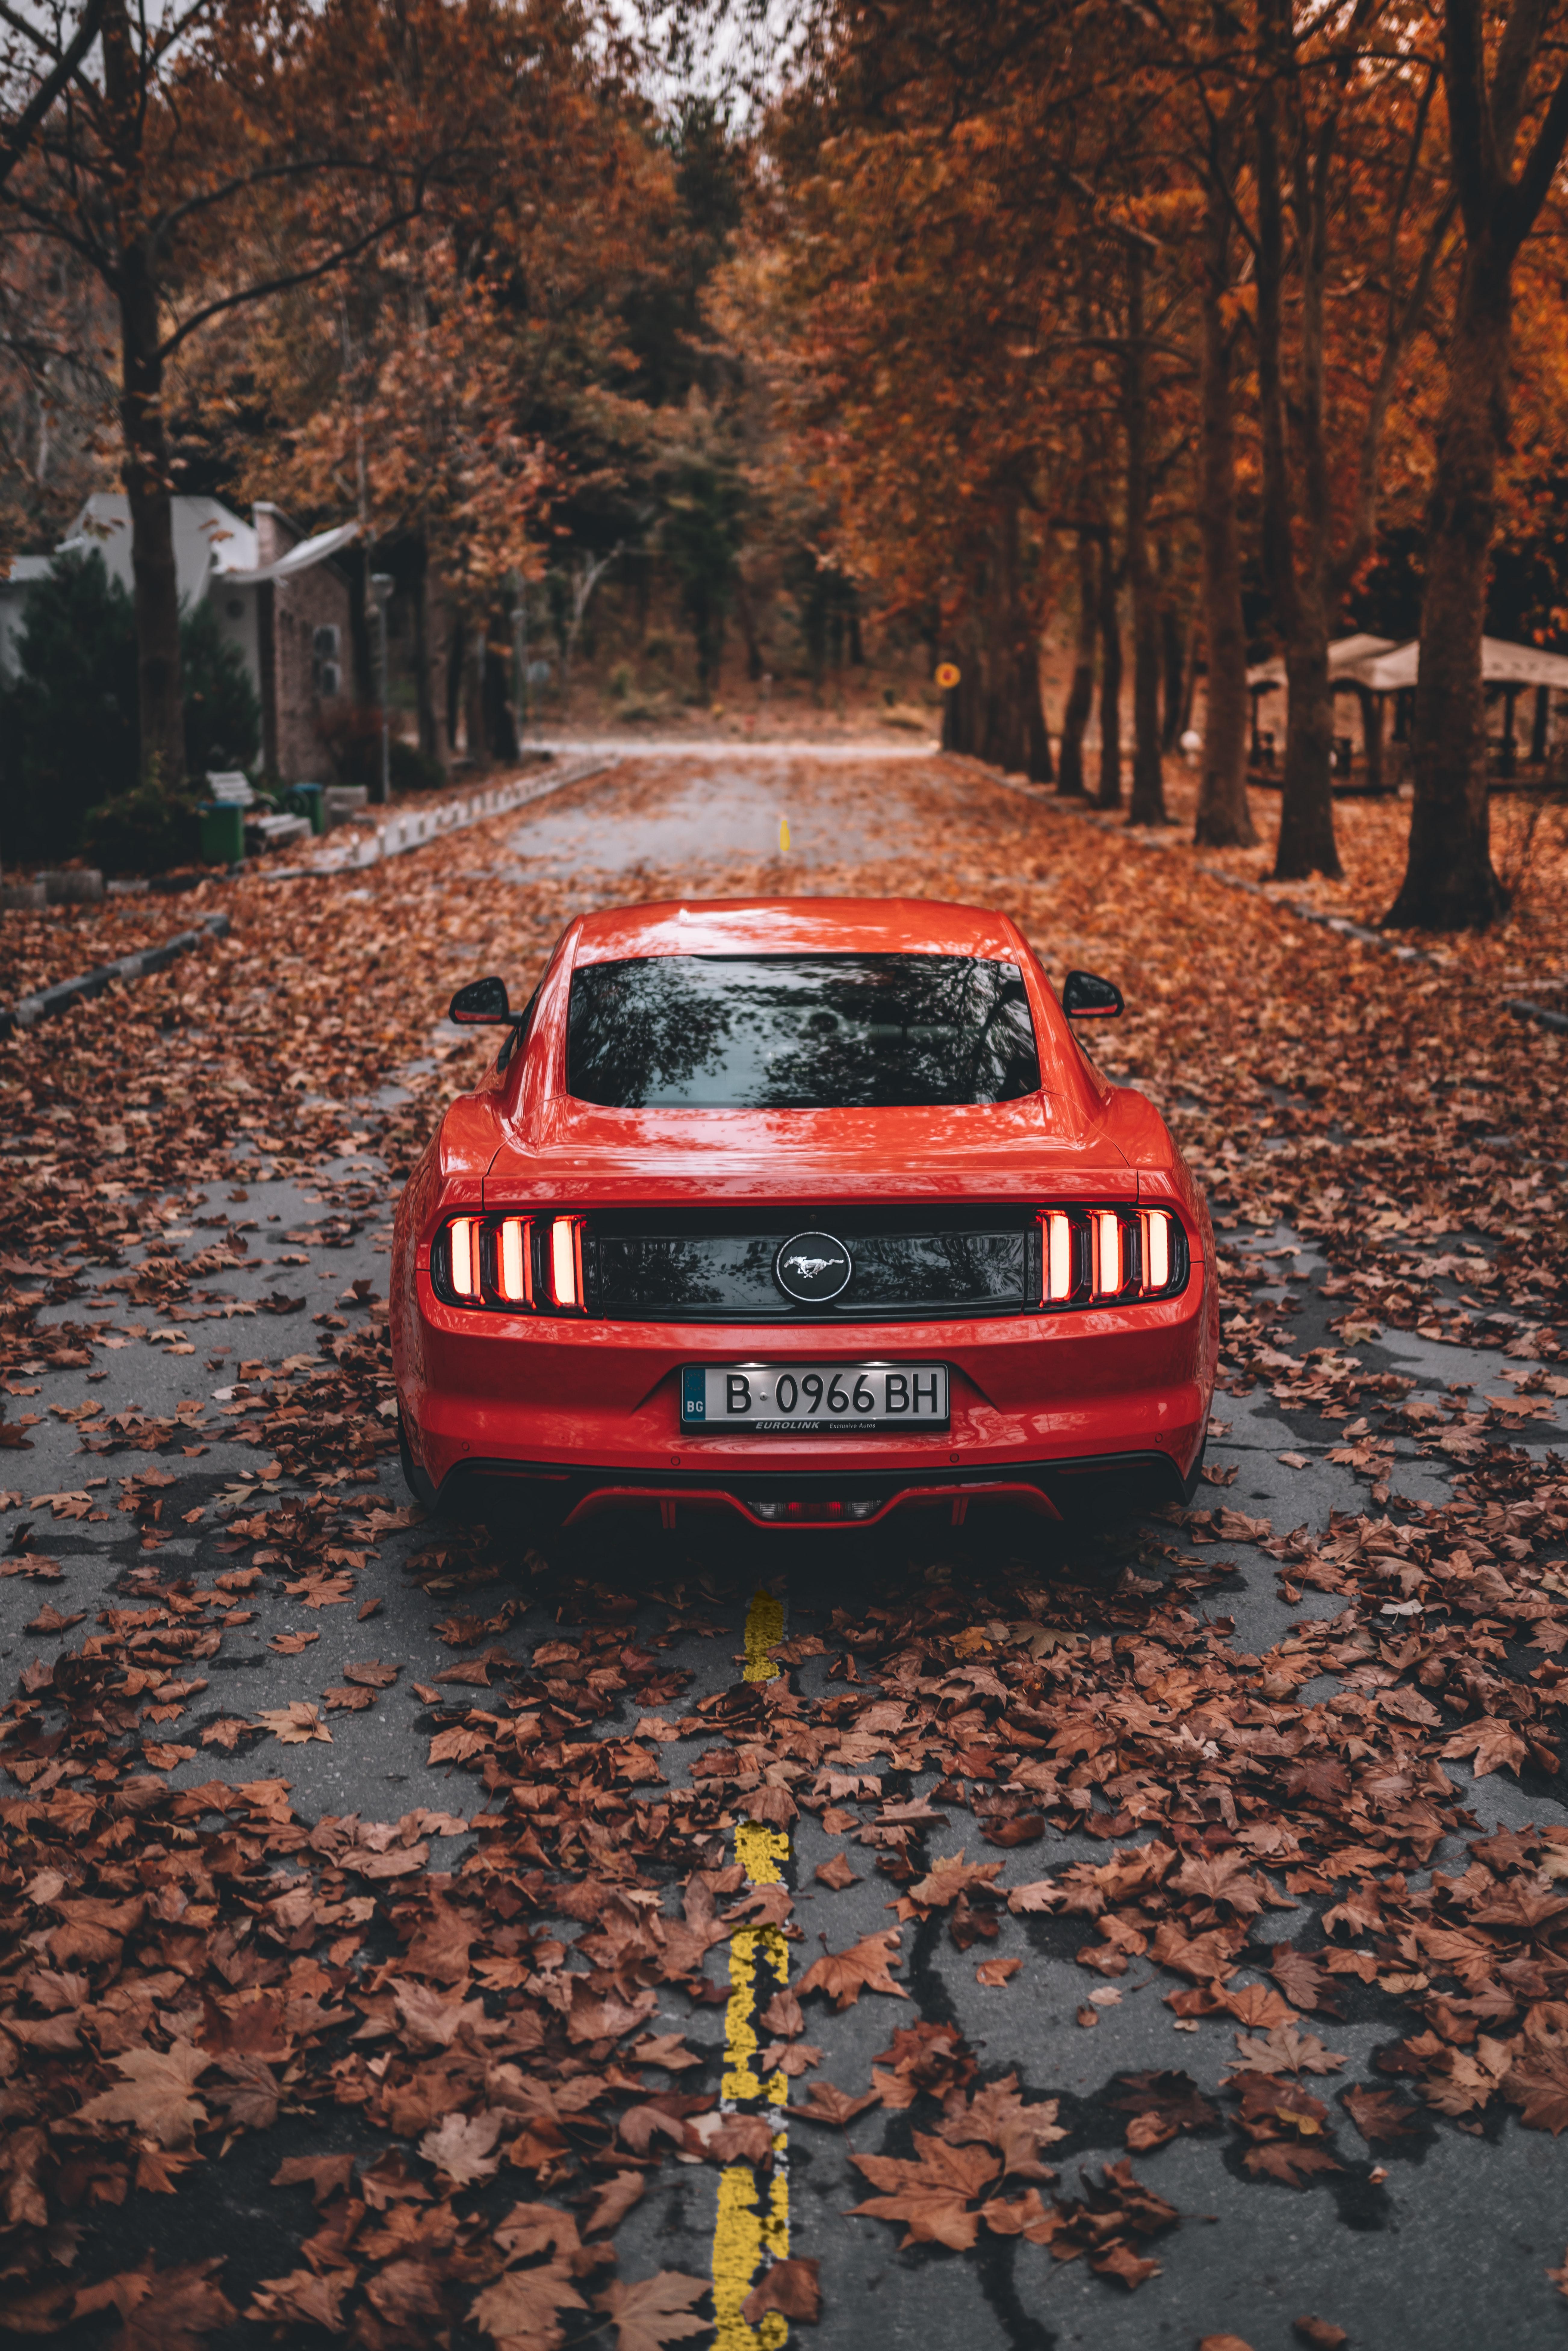 59195 скачать обои Осень, Форд (Ford), Тачки (Cars), Дорога, Красный, Автомобиль, Спорткар, Ford Mustang - заставки и картинки бесплатно